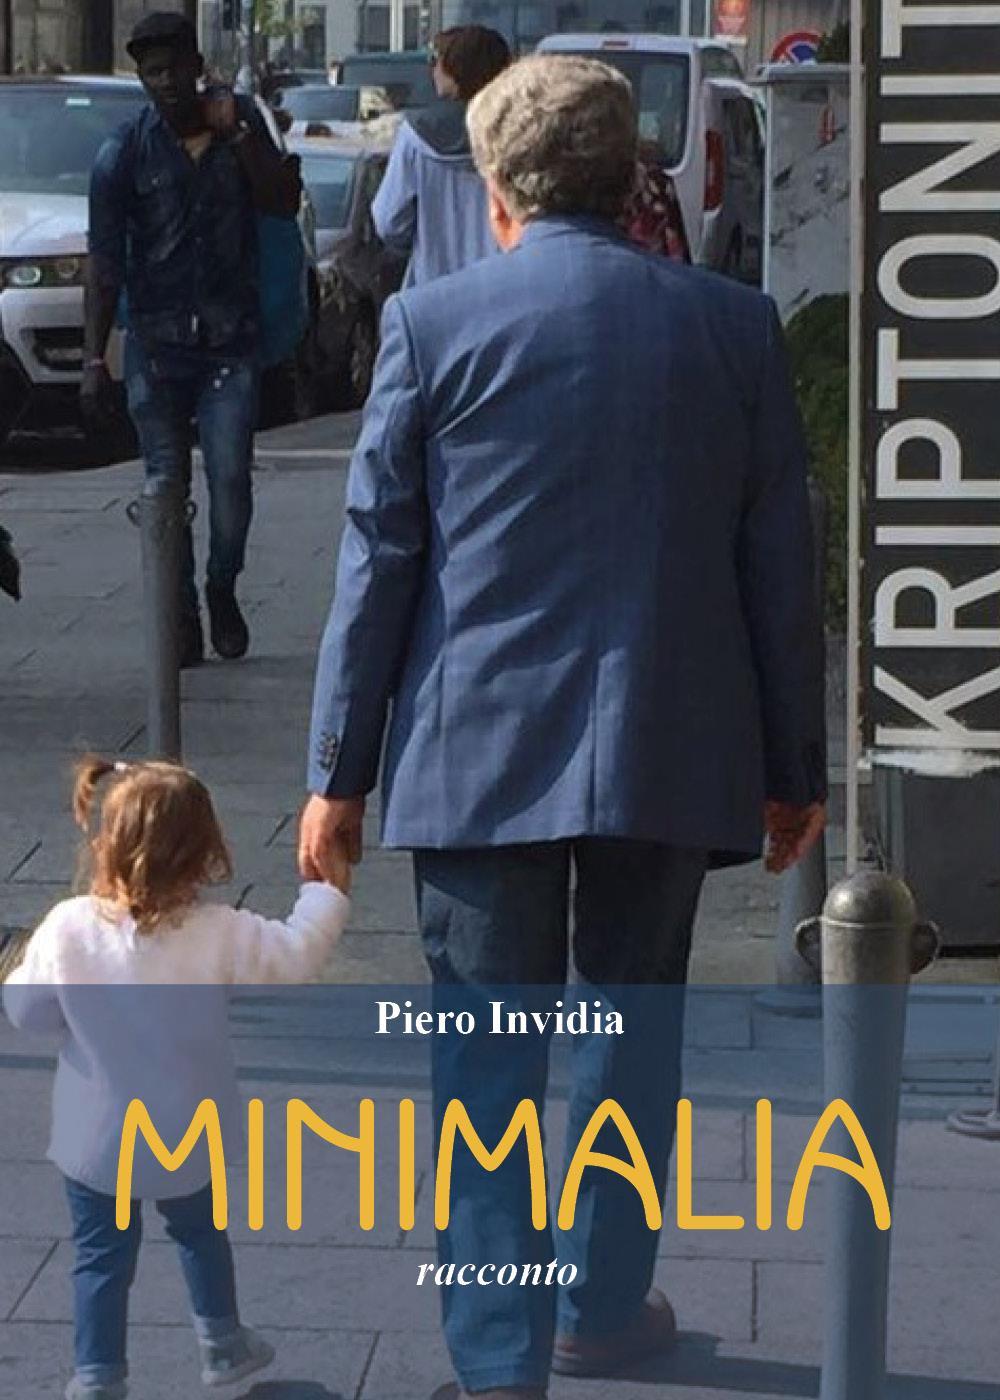 Minimalia